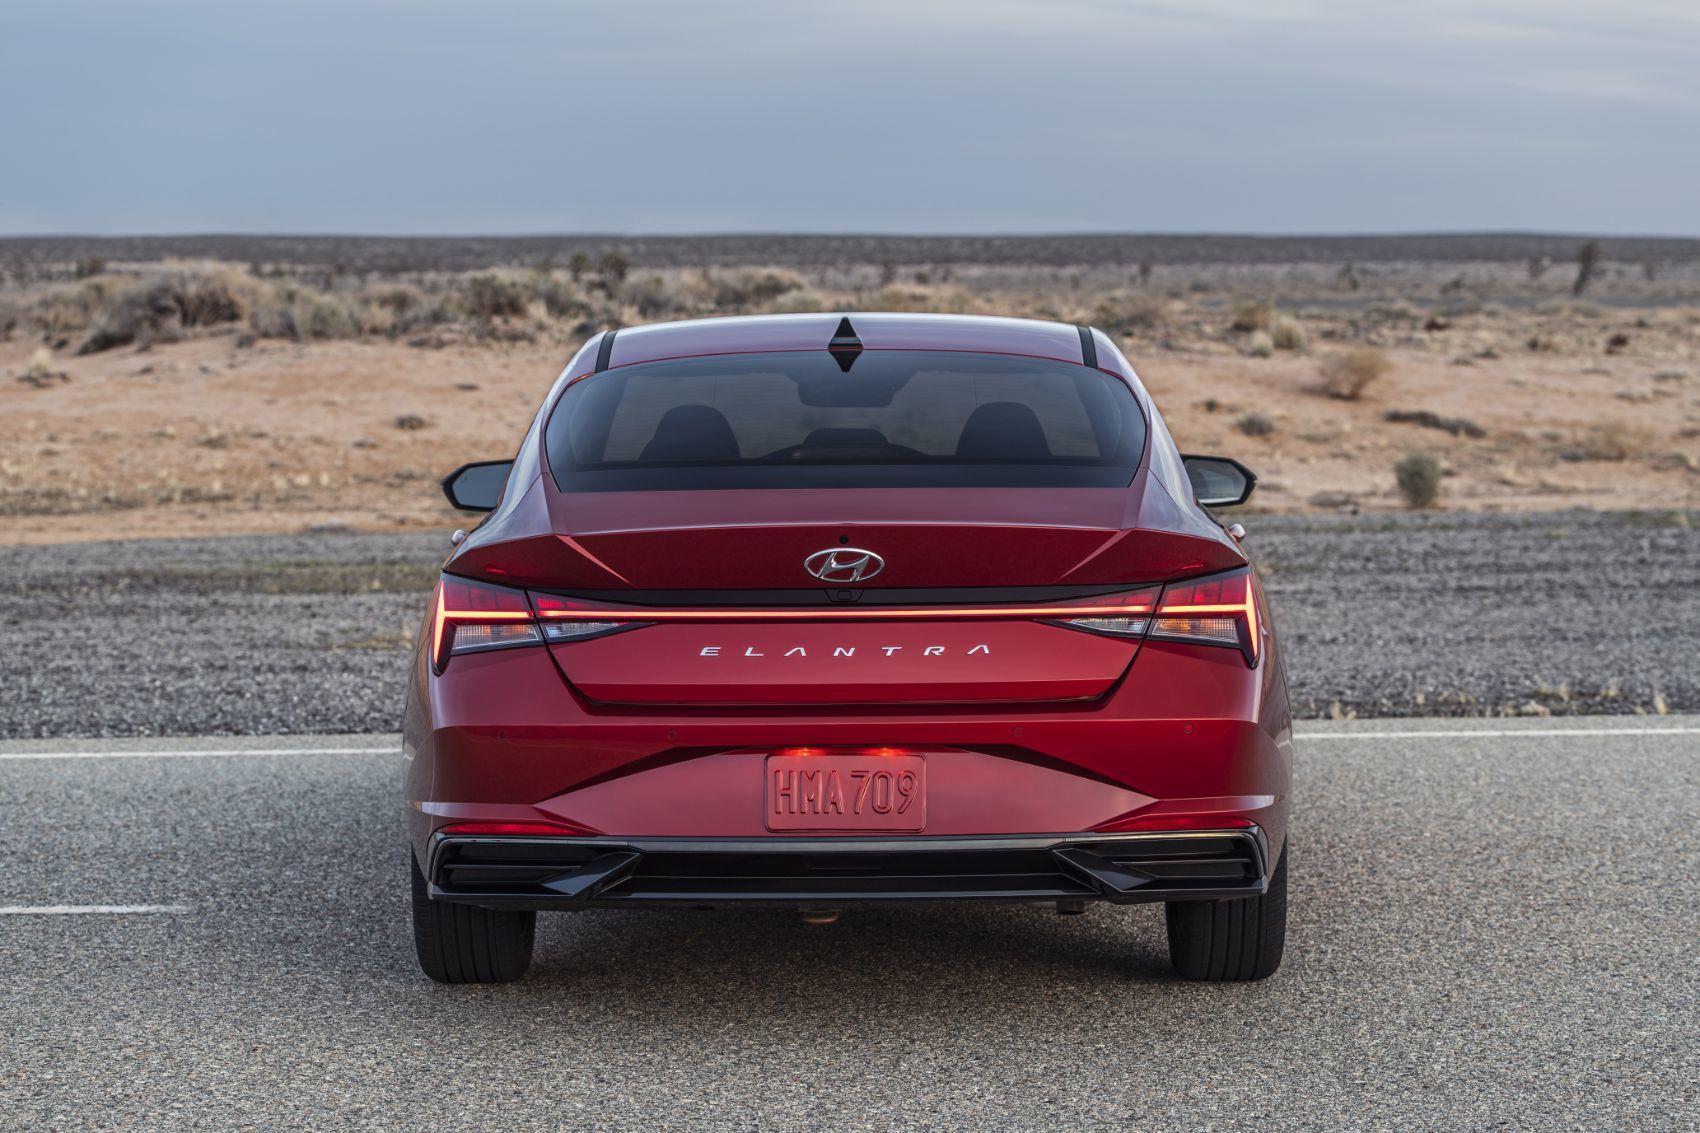 2021 hyundai elantra when a compact sedan grows up